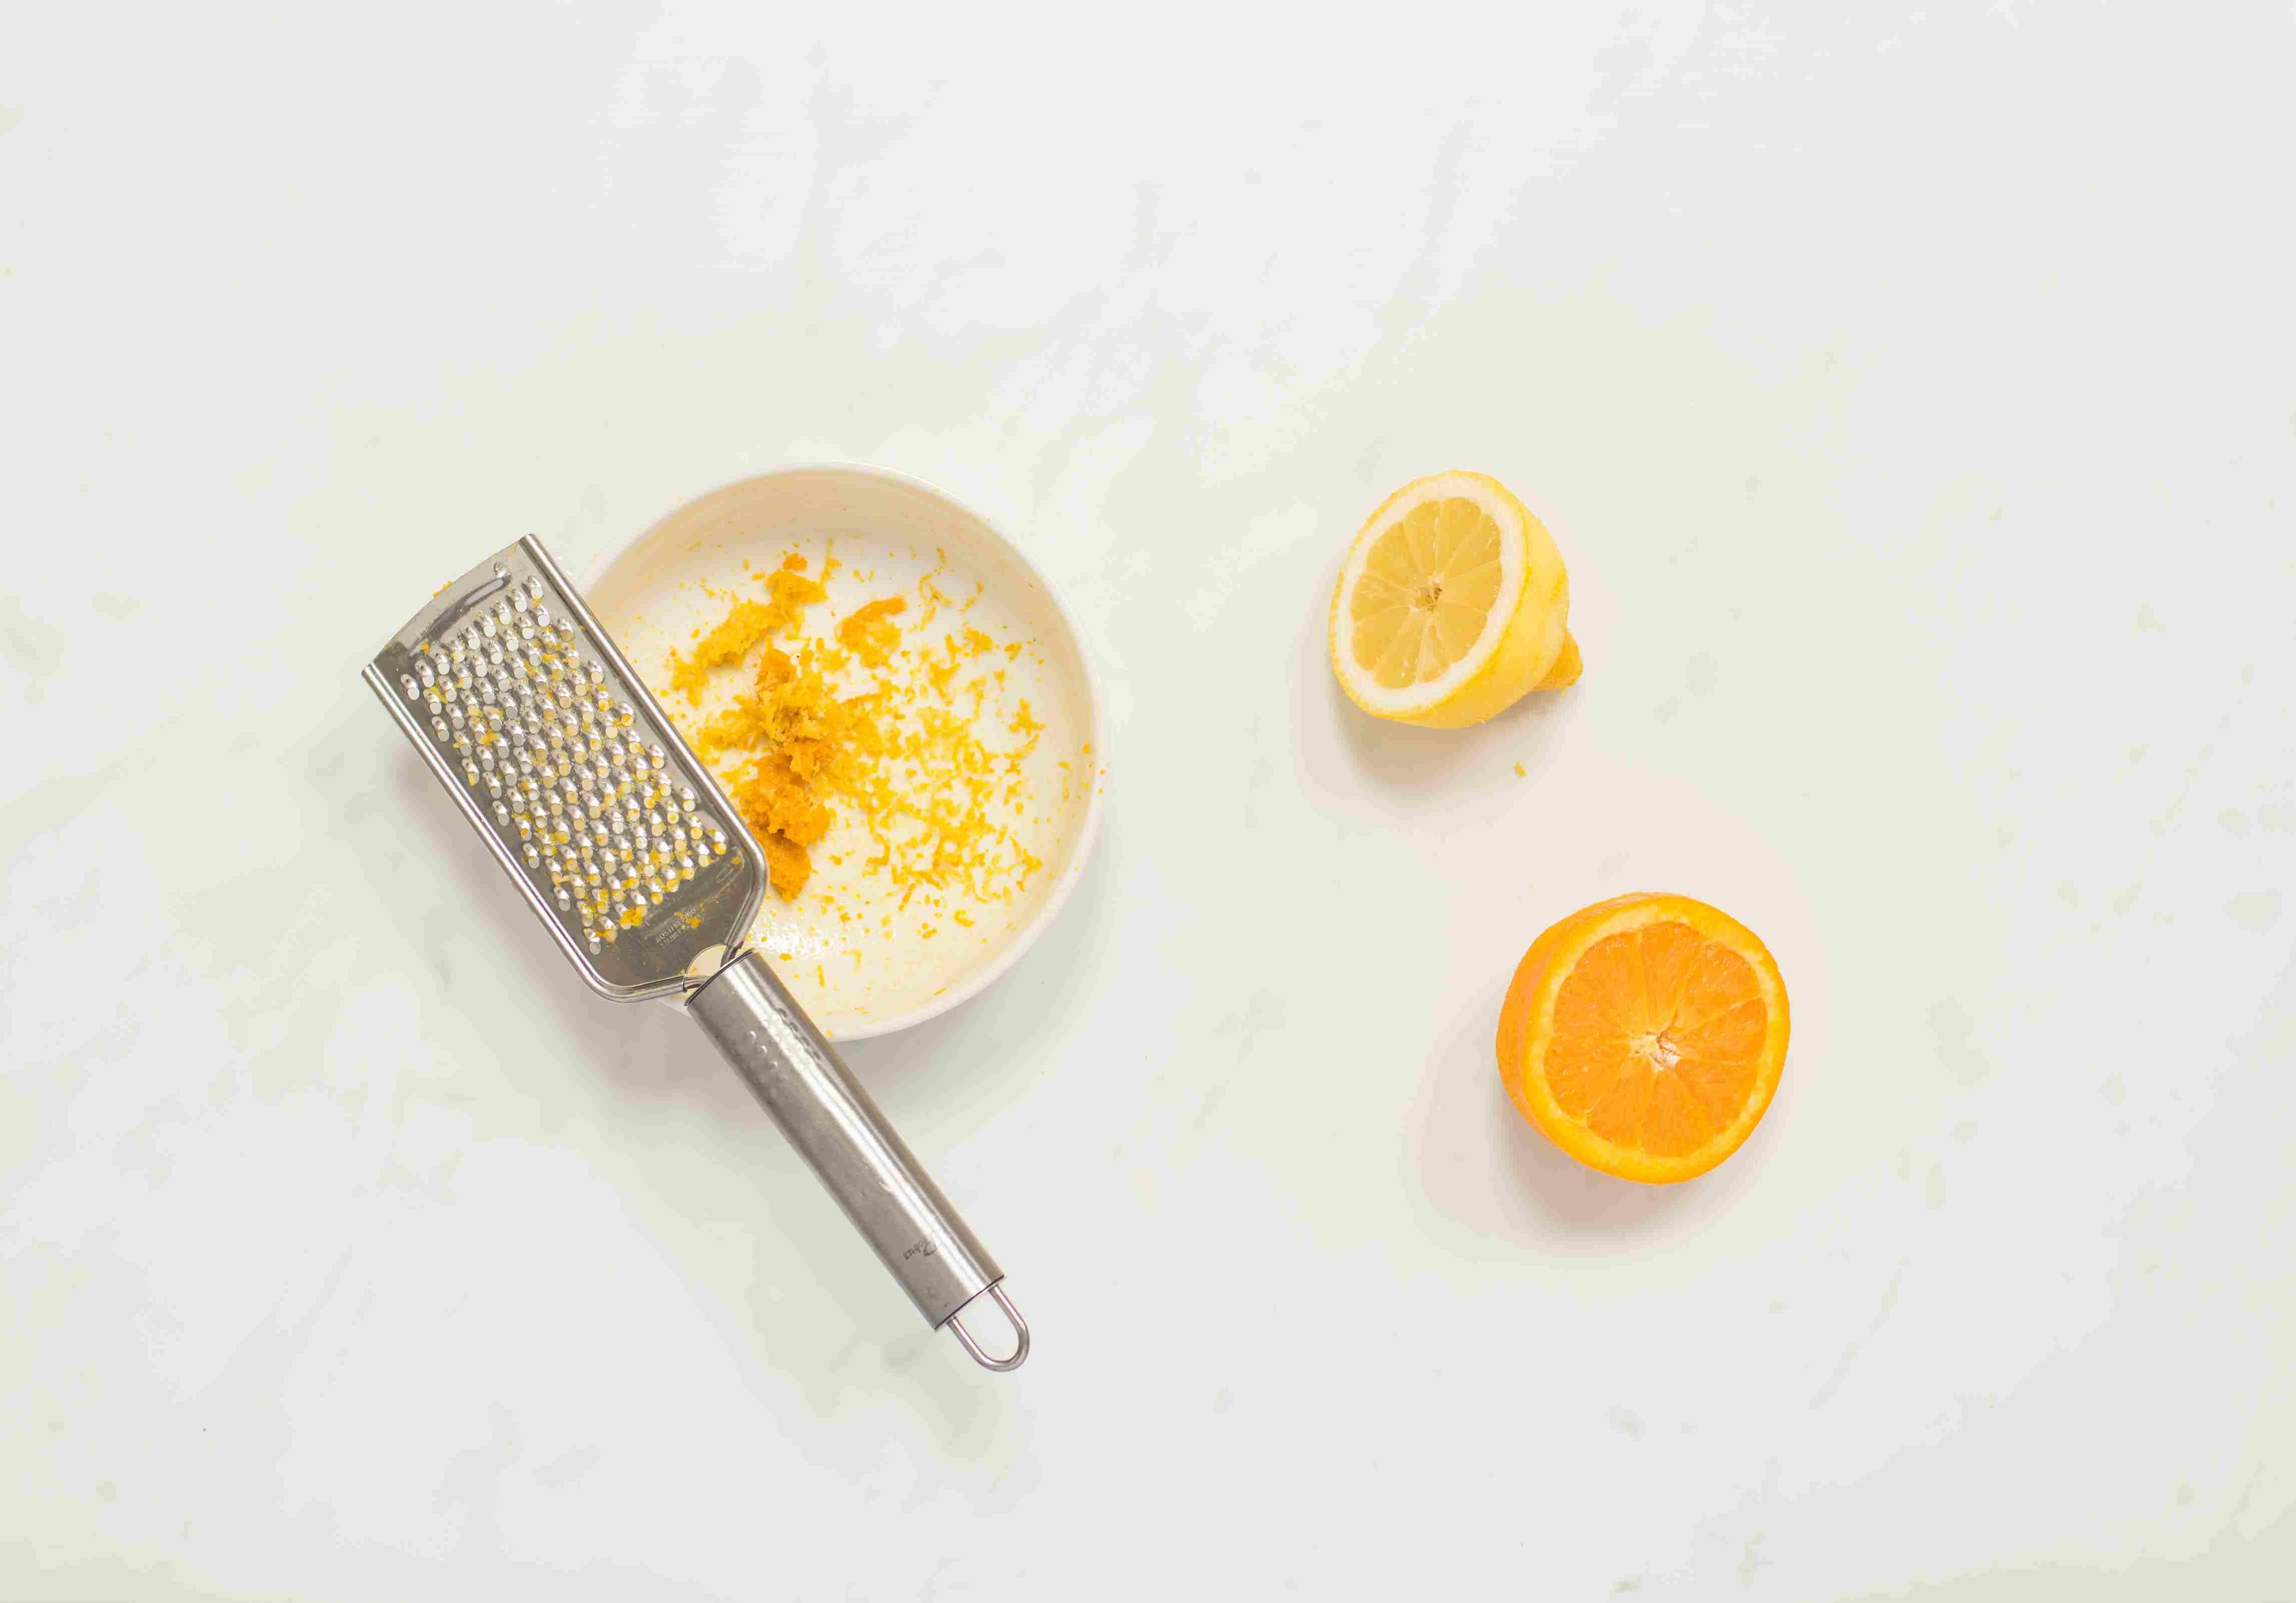 Grate orange